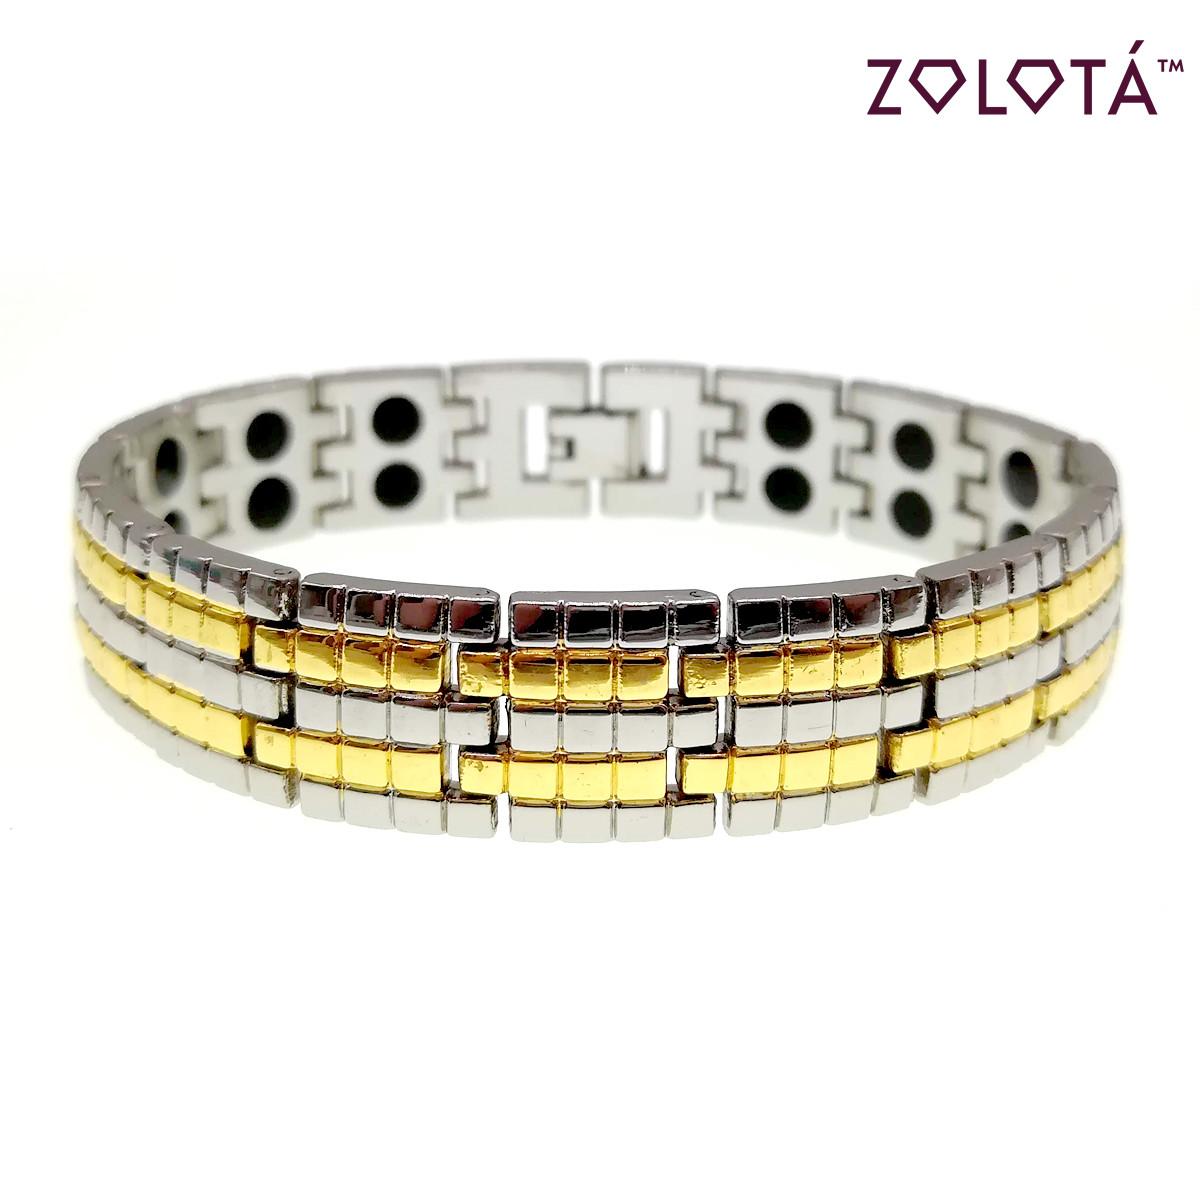 Магнитный браслет с германием и вставками позолоты, длина 21 см, БР00035 (21 см)